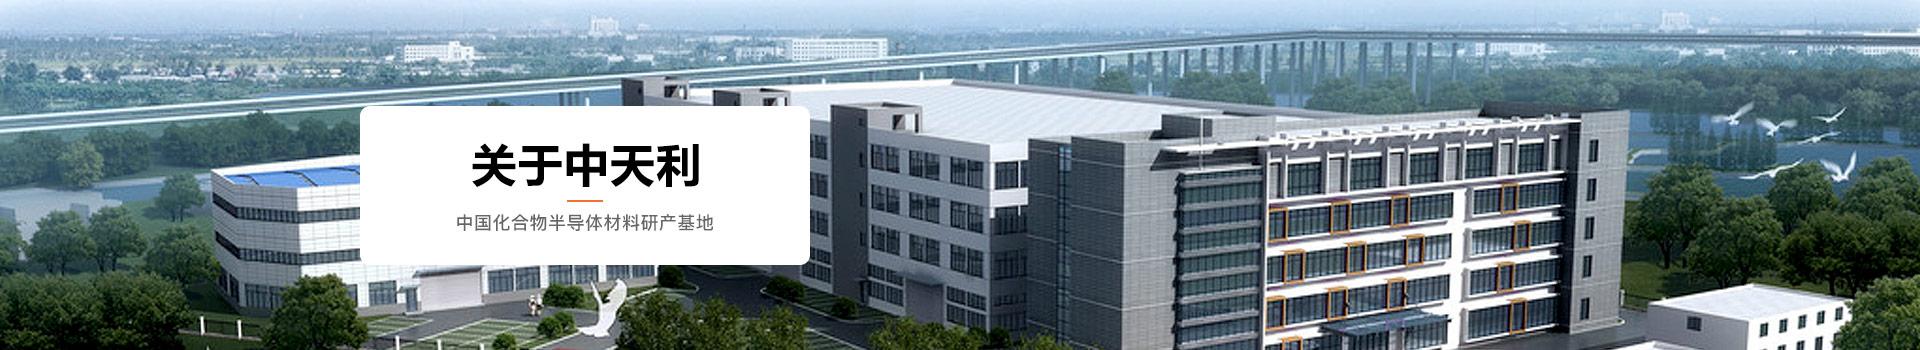 中天利中国化合物半导体材料研产基地